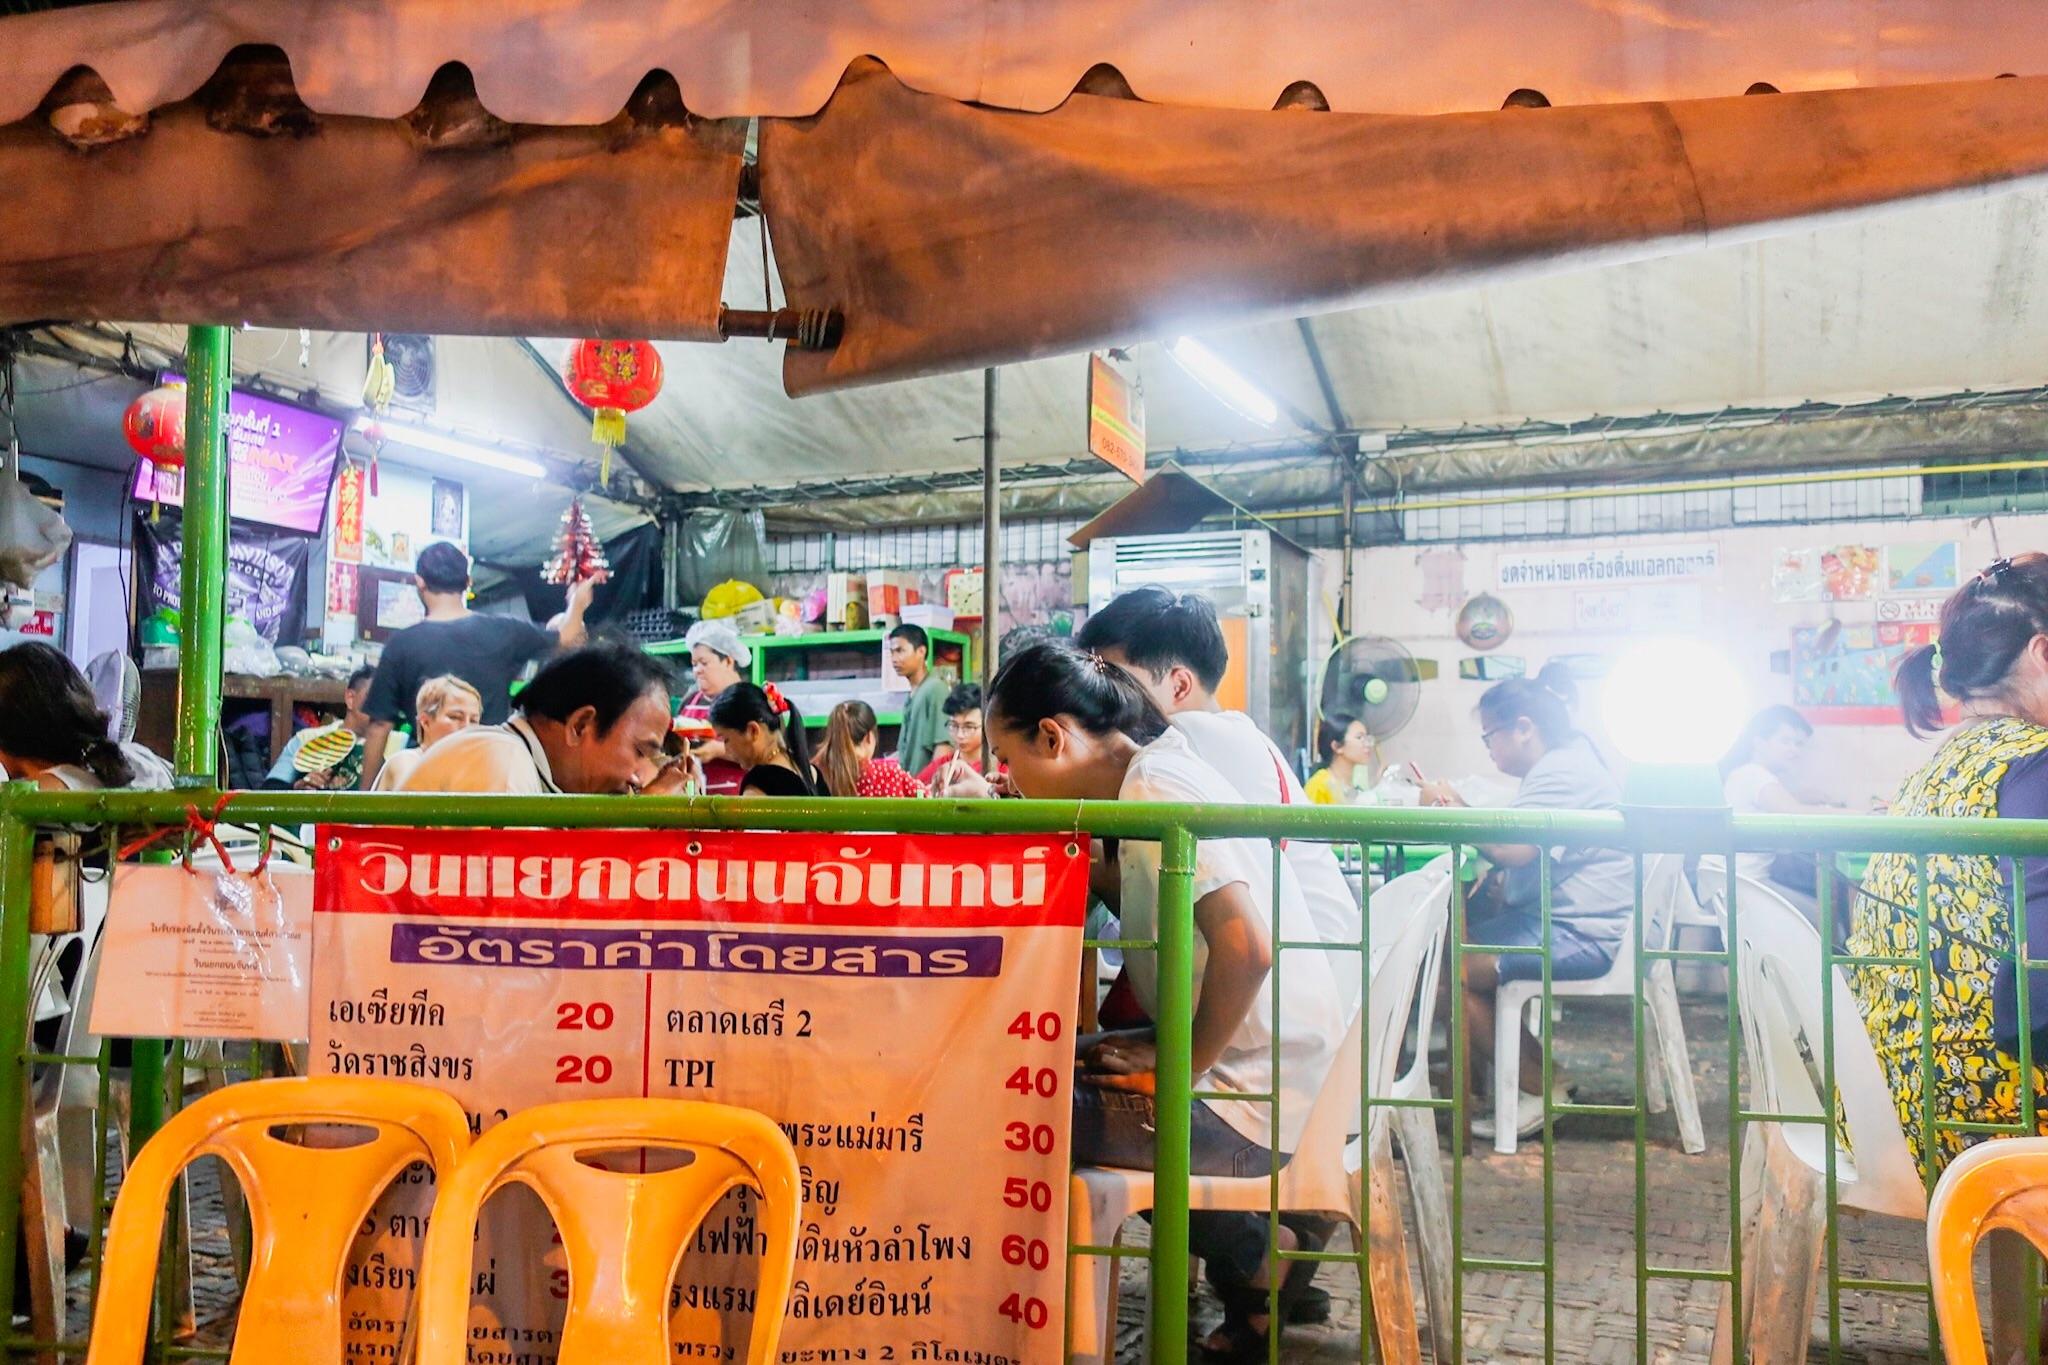 Mugata shop henghengheng inside